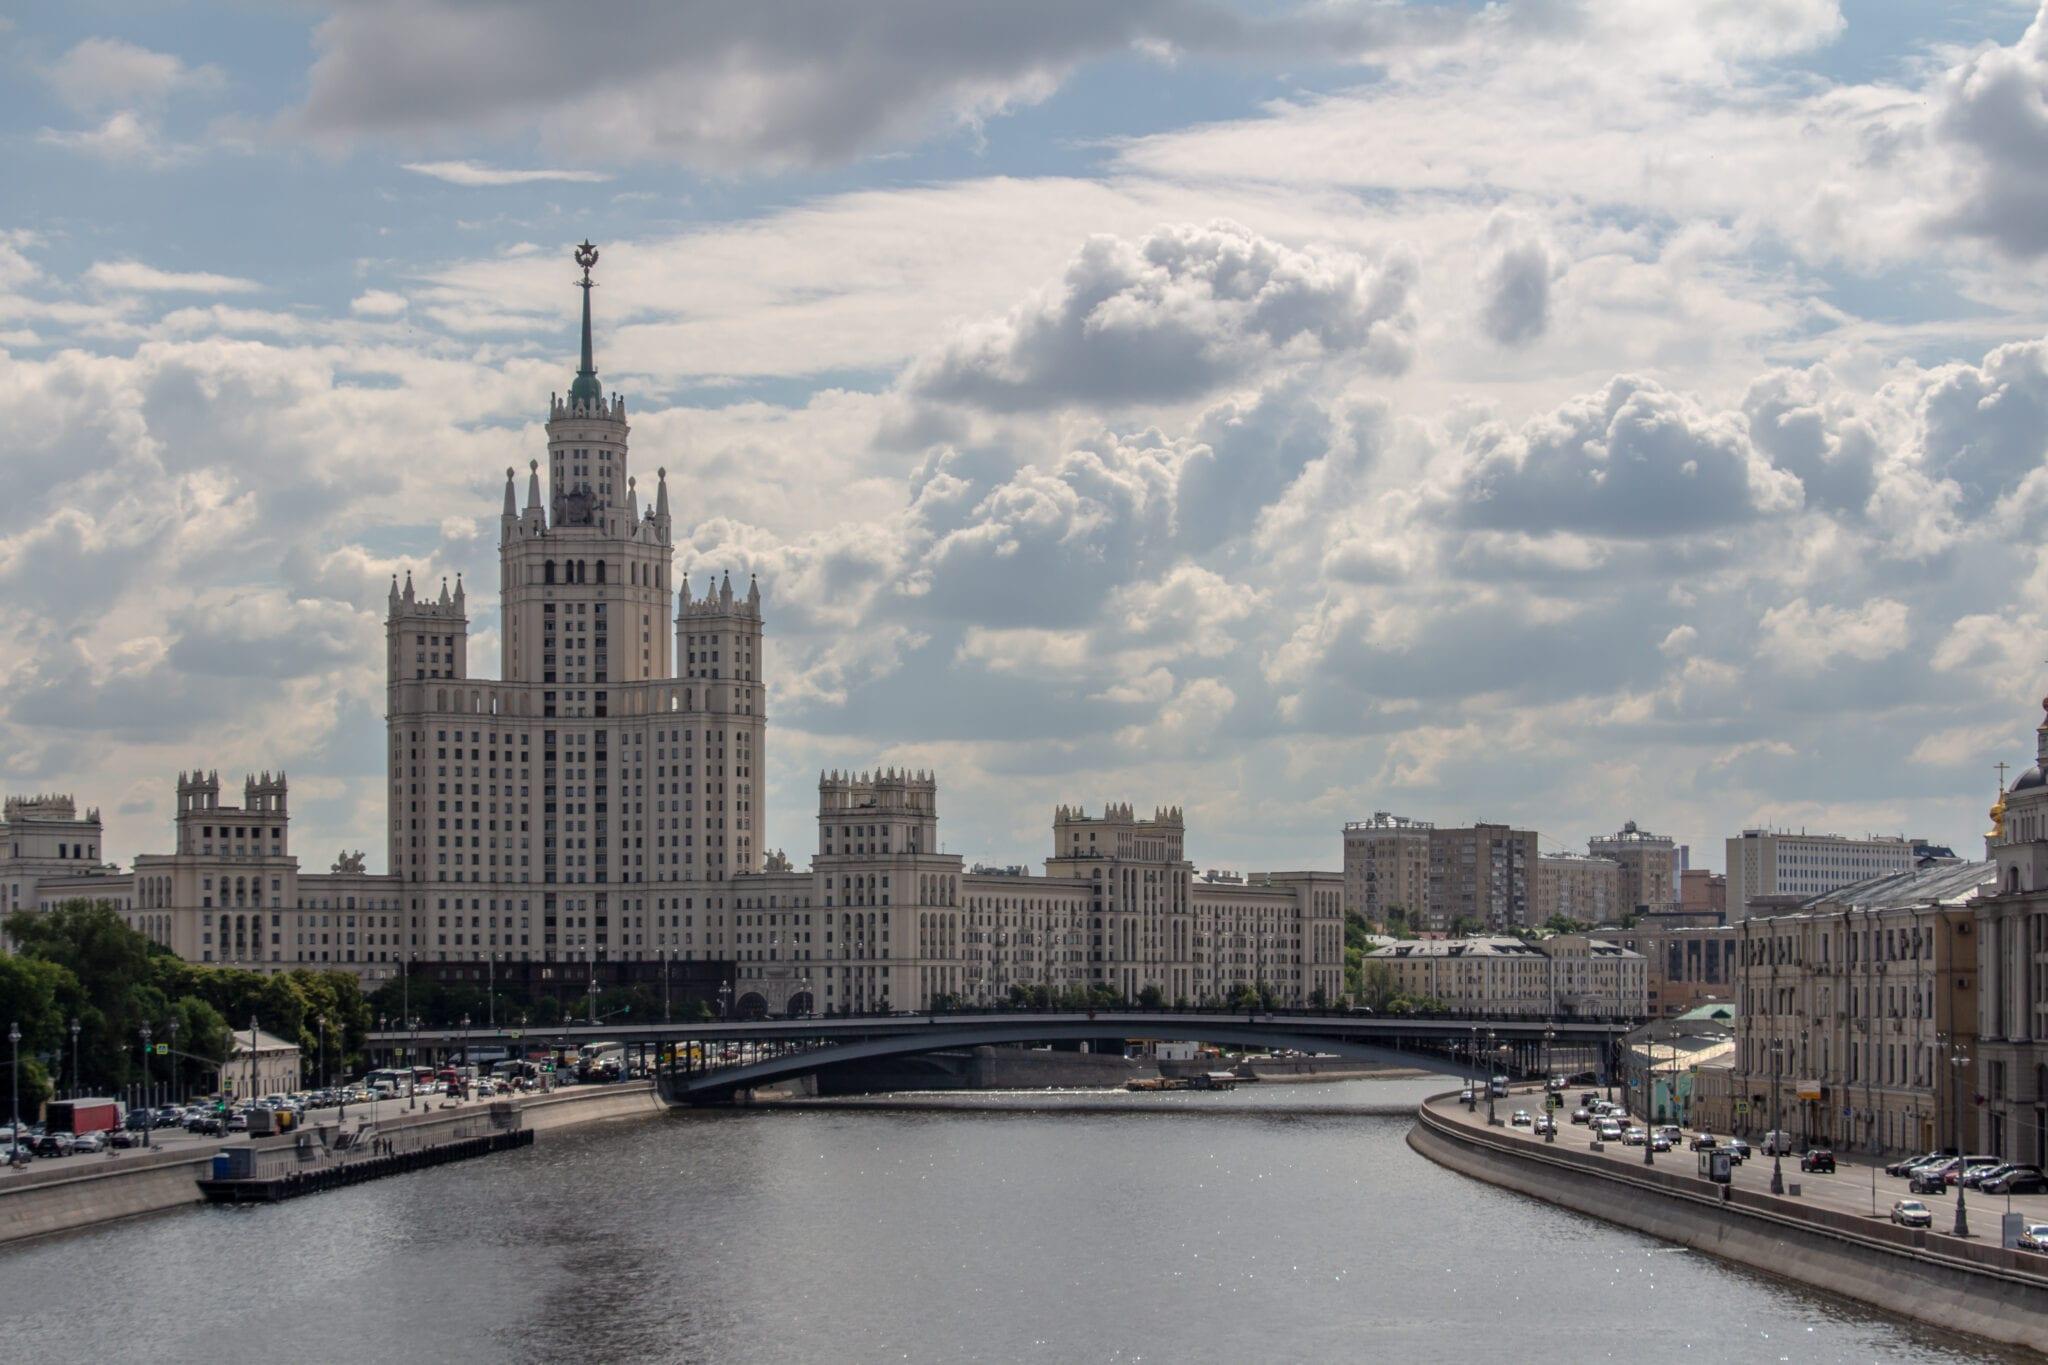 Photo of Kotelnicheskaya Embankment Building